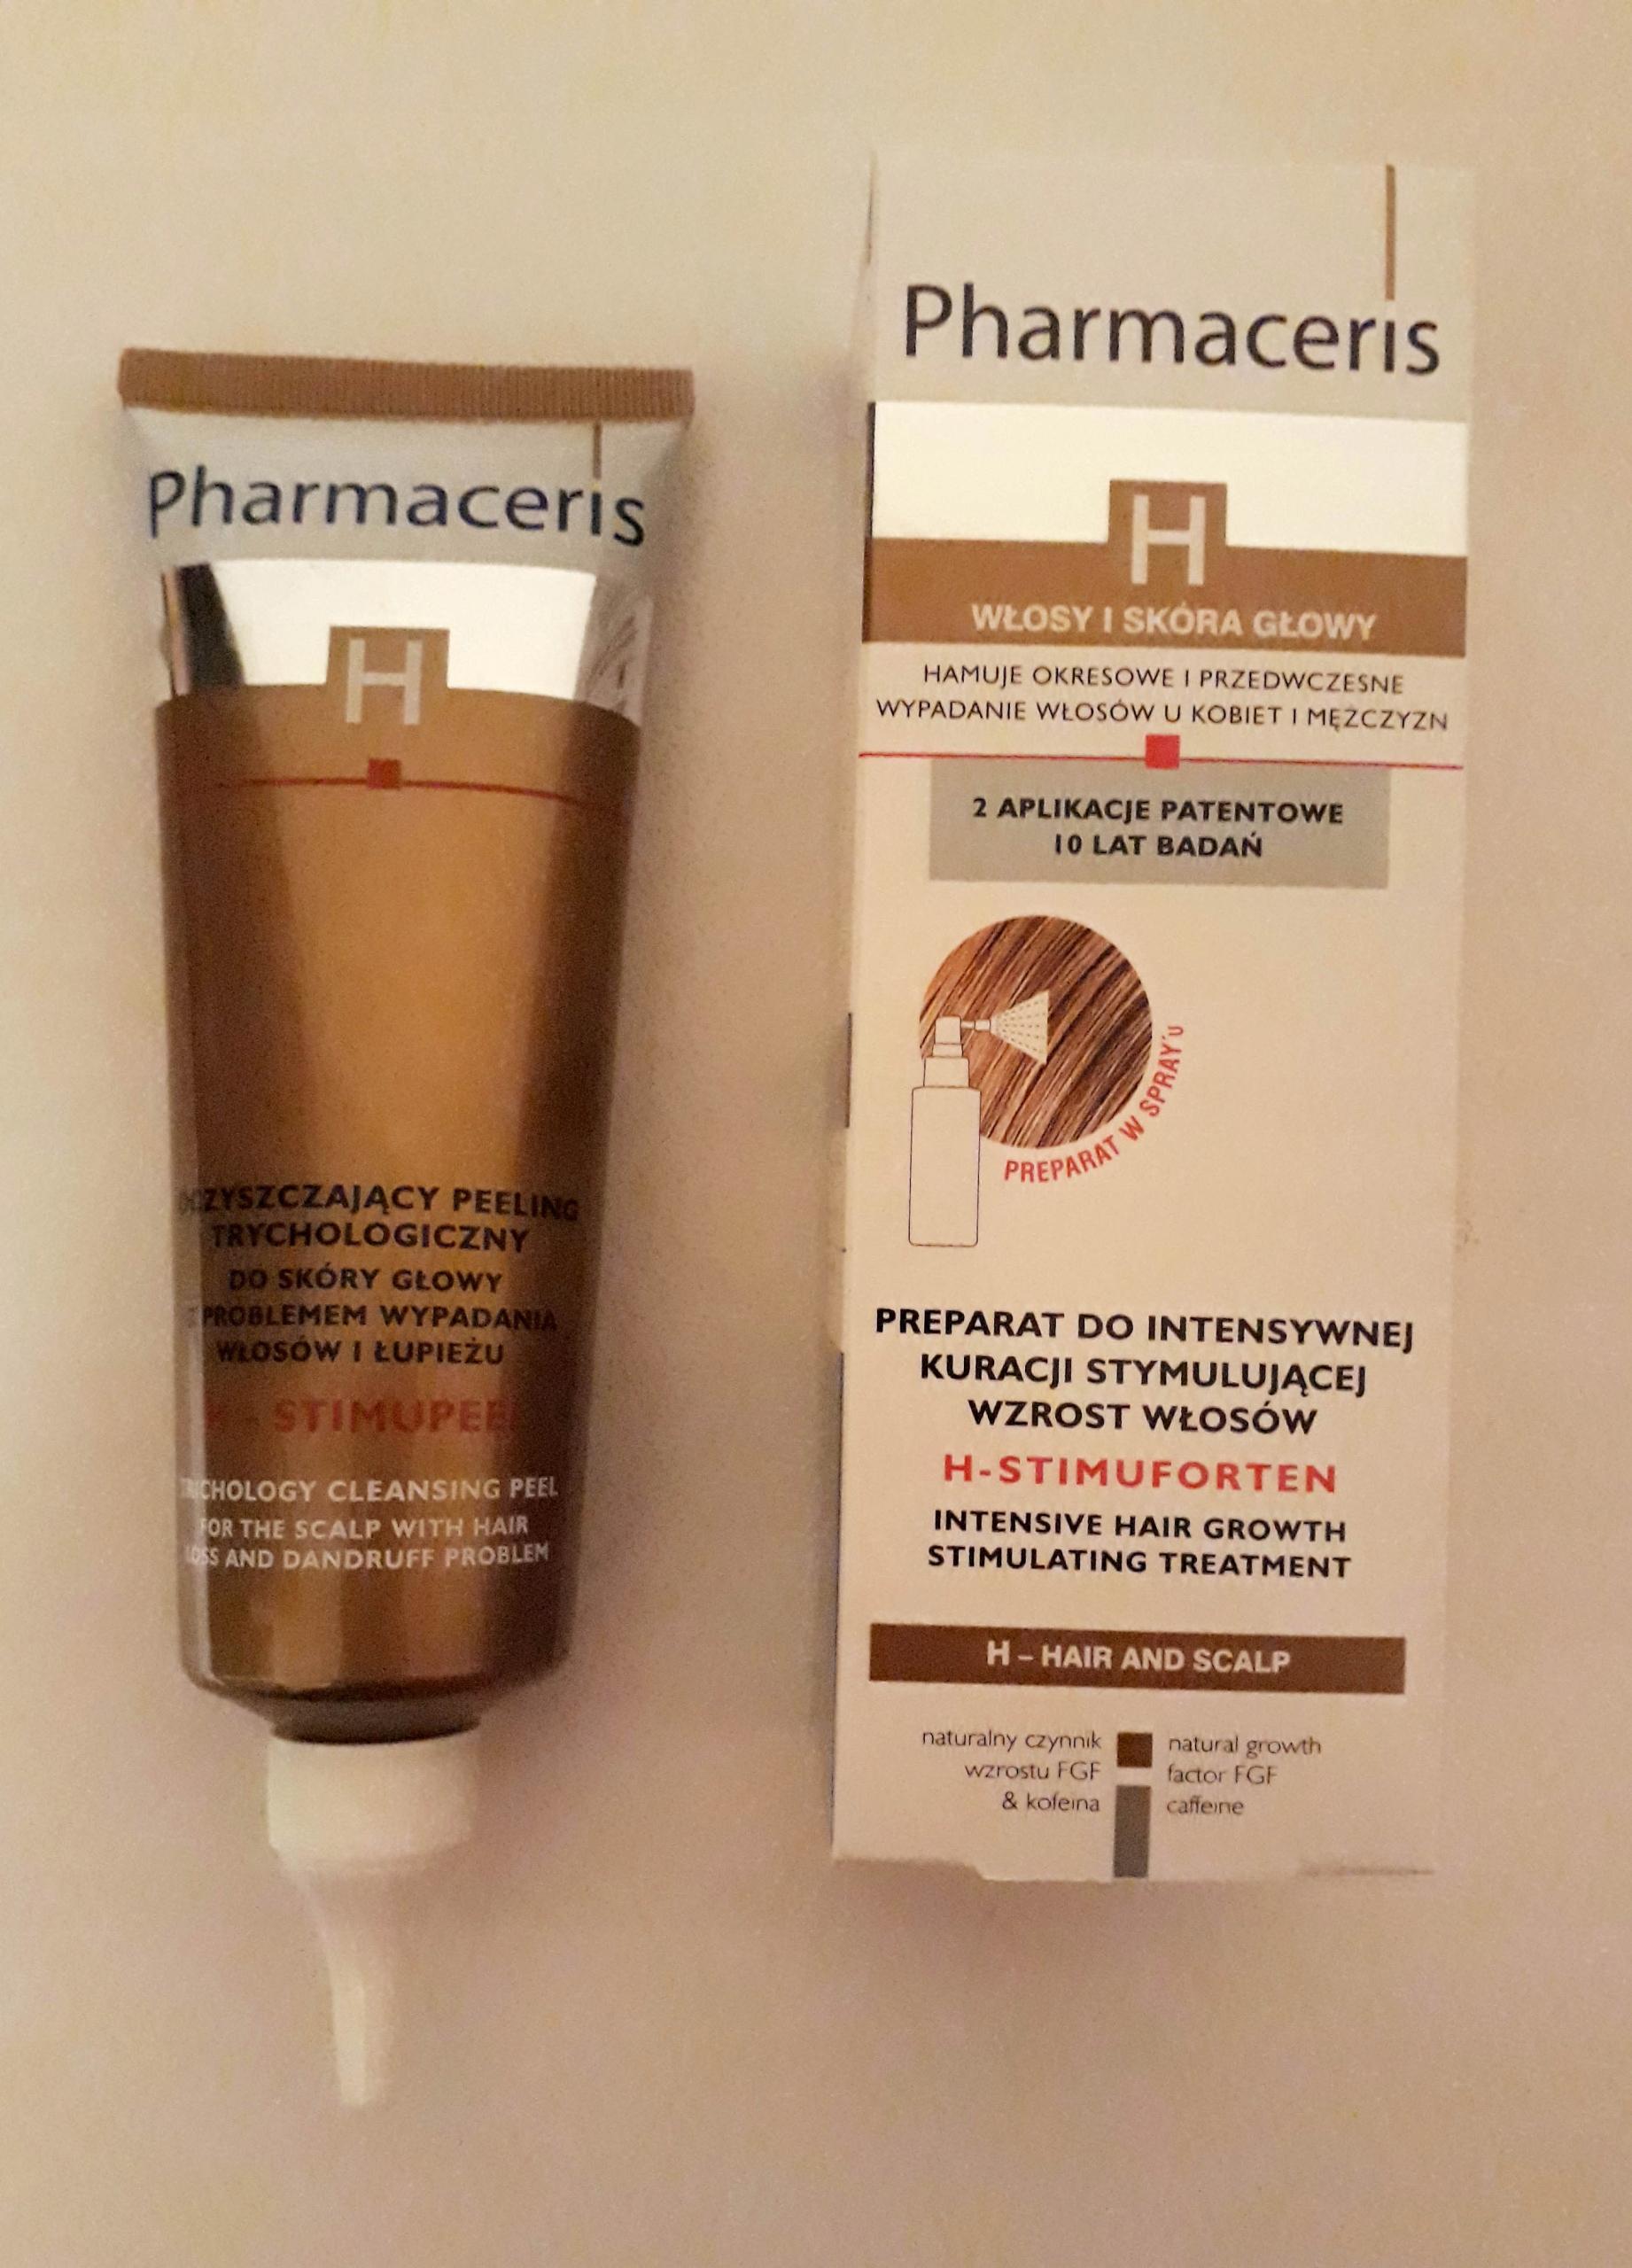 Pharmaceris H-STIMUFORTEN przeciw wypadaniu włosów